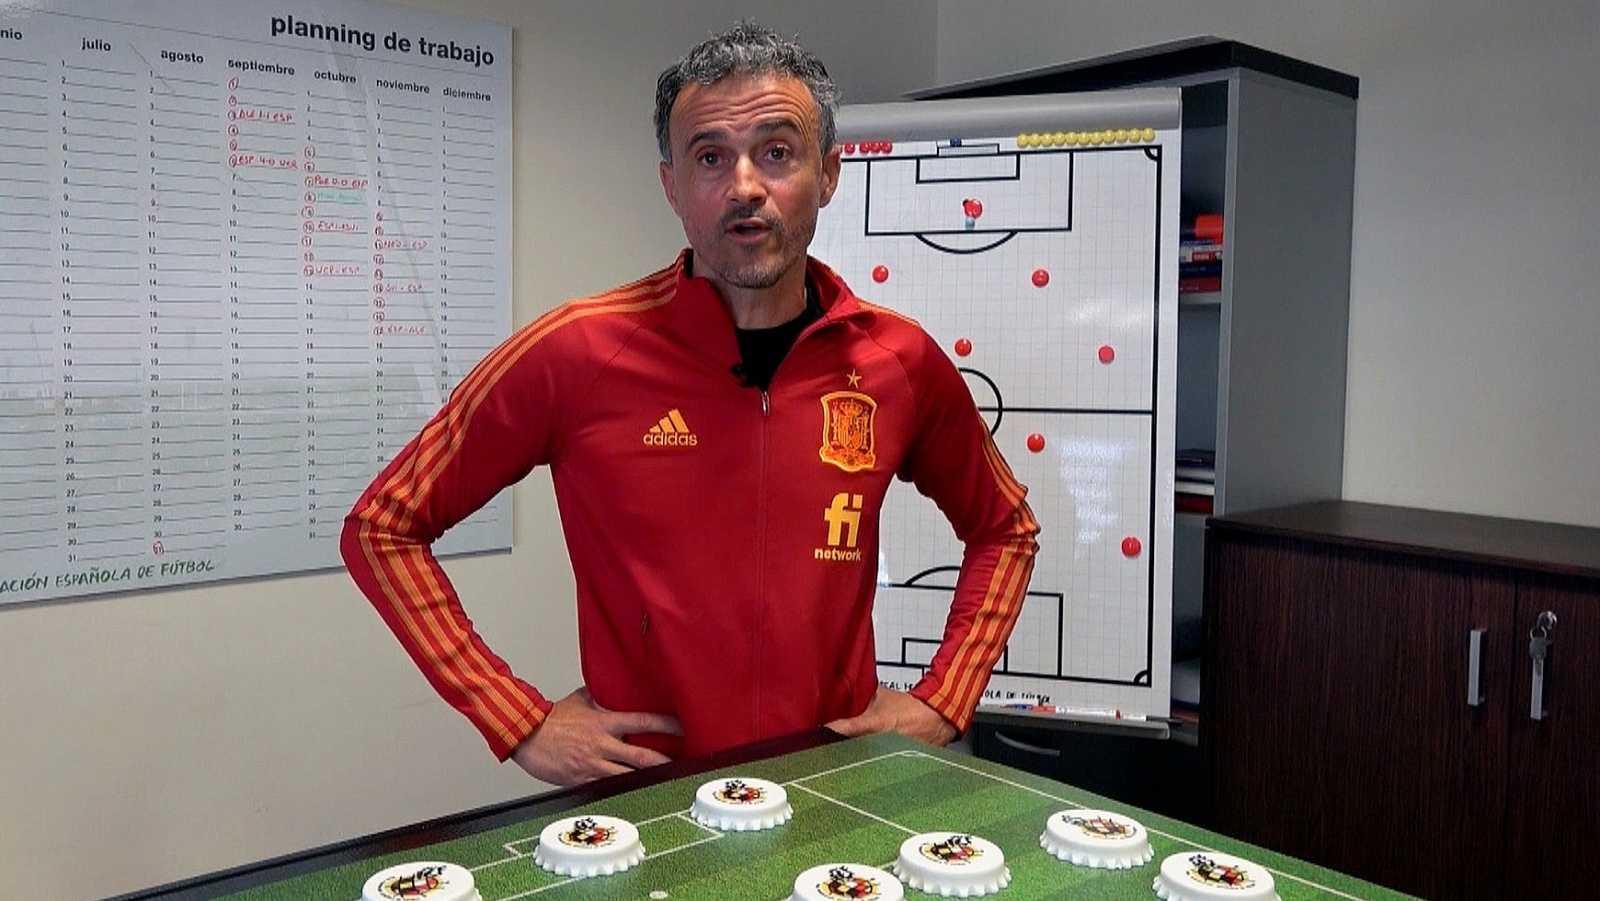 Luis Enrique Martínez, en la imagen durante el anuncio de la convocatoria hoy viernes, para el amistoso de España ante Países Bajos